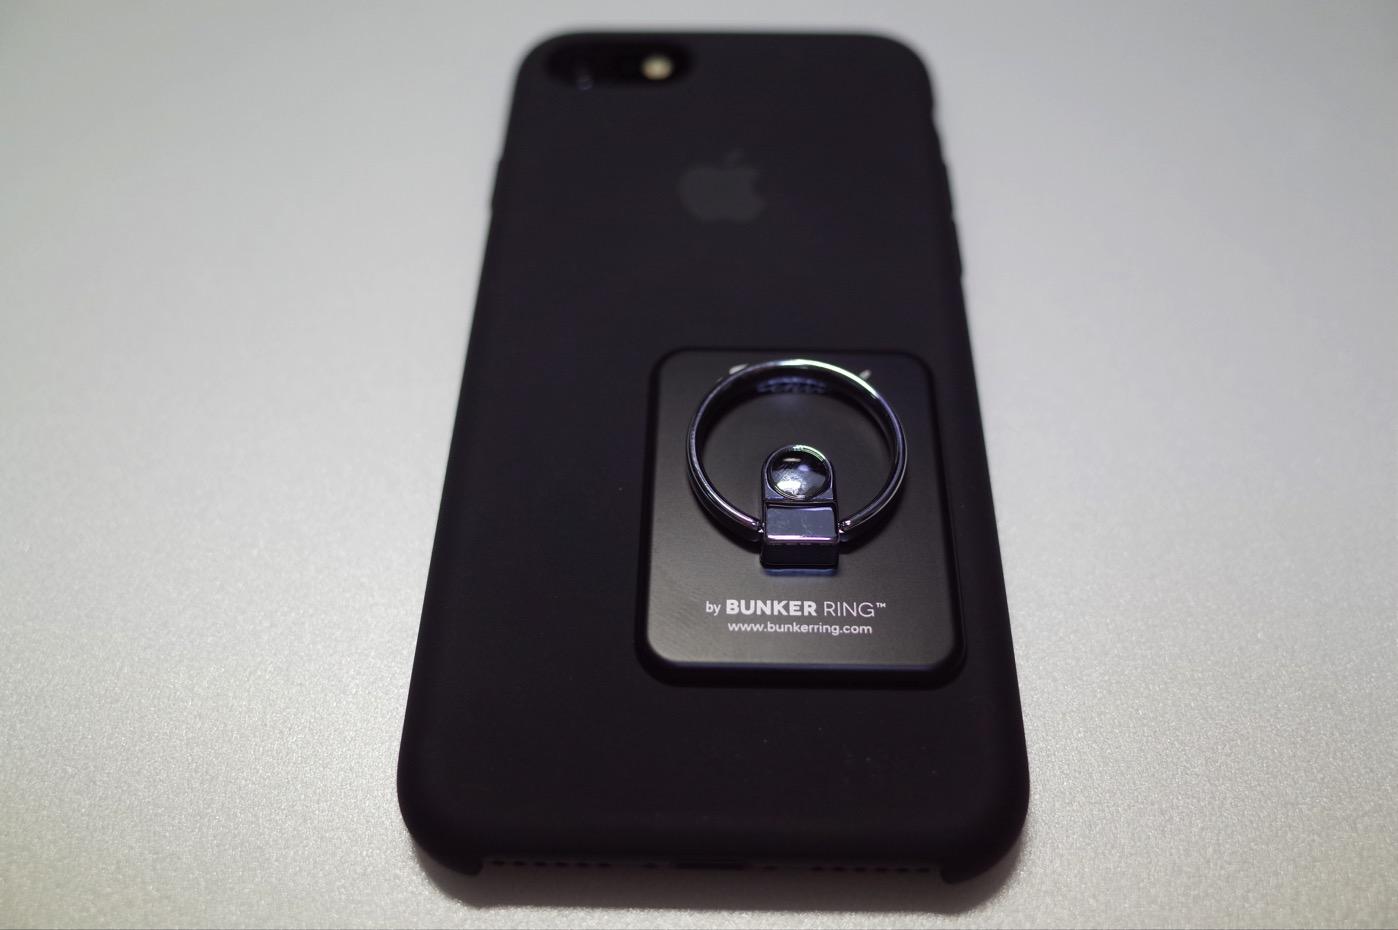 [iPhone]Apple Payが使えるようになったので早速登録してみたよ